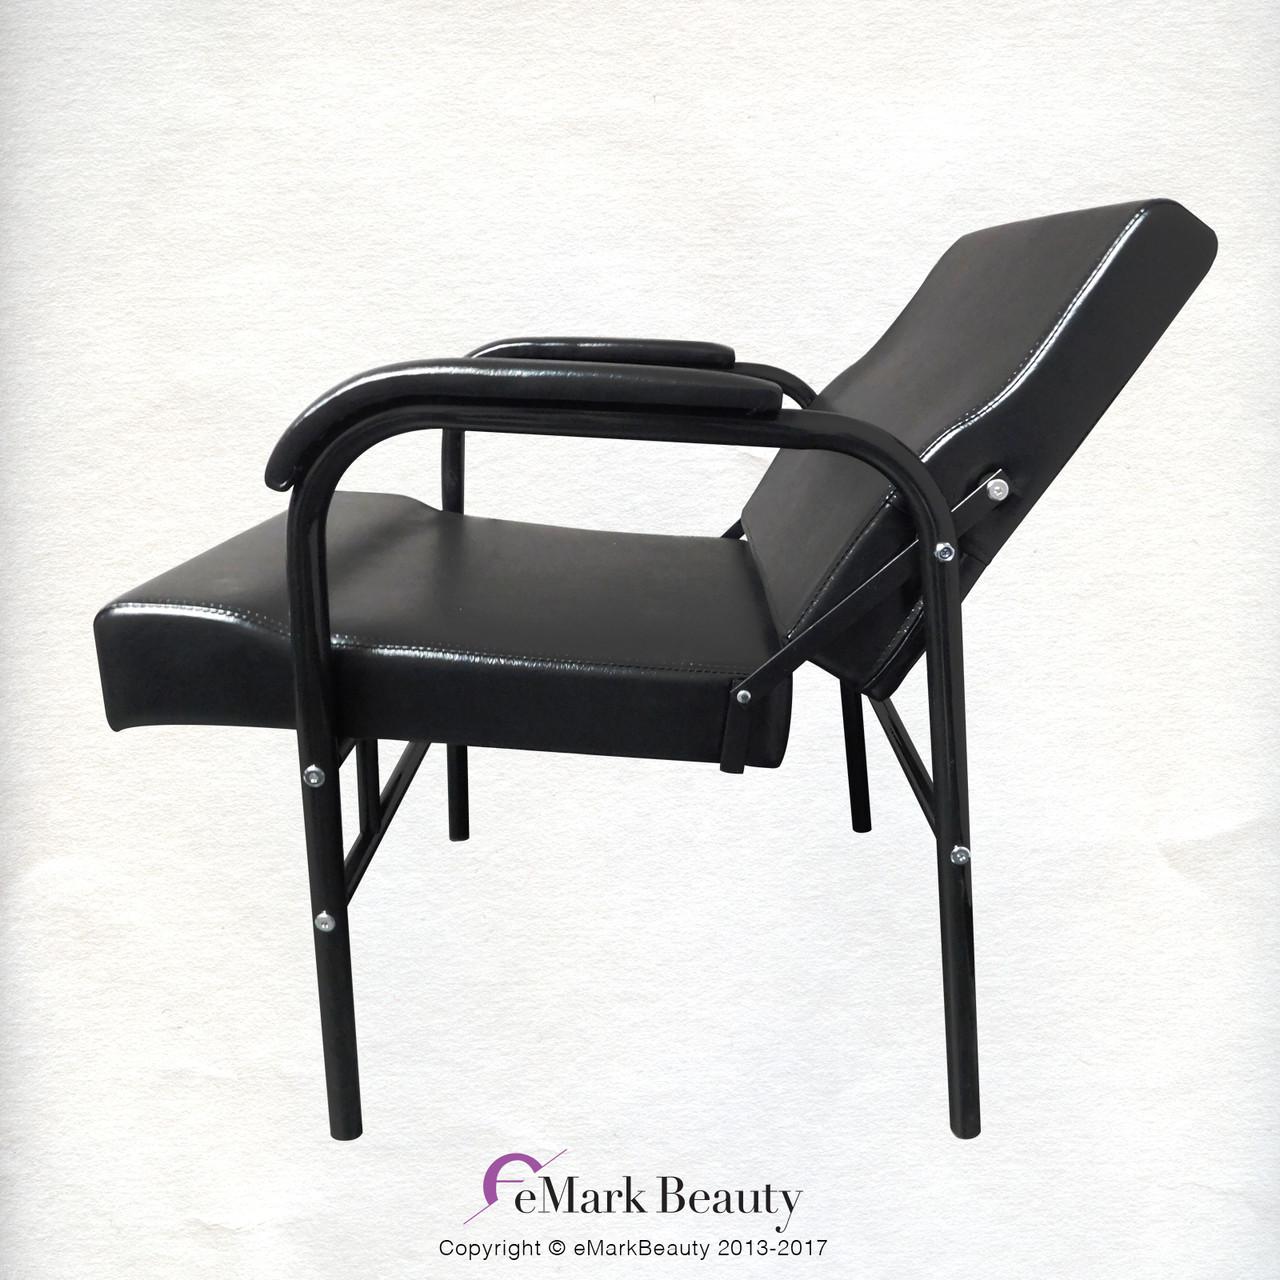 ... Shampoo Chair Auto Recline Reclining Barber Hair Styling Salon Spa  TLC 216A